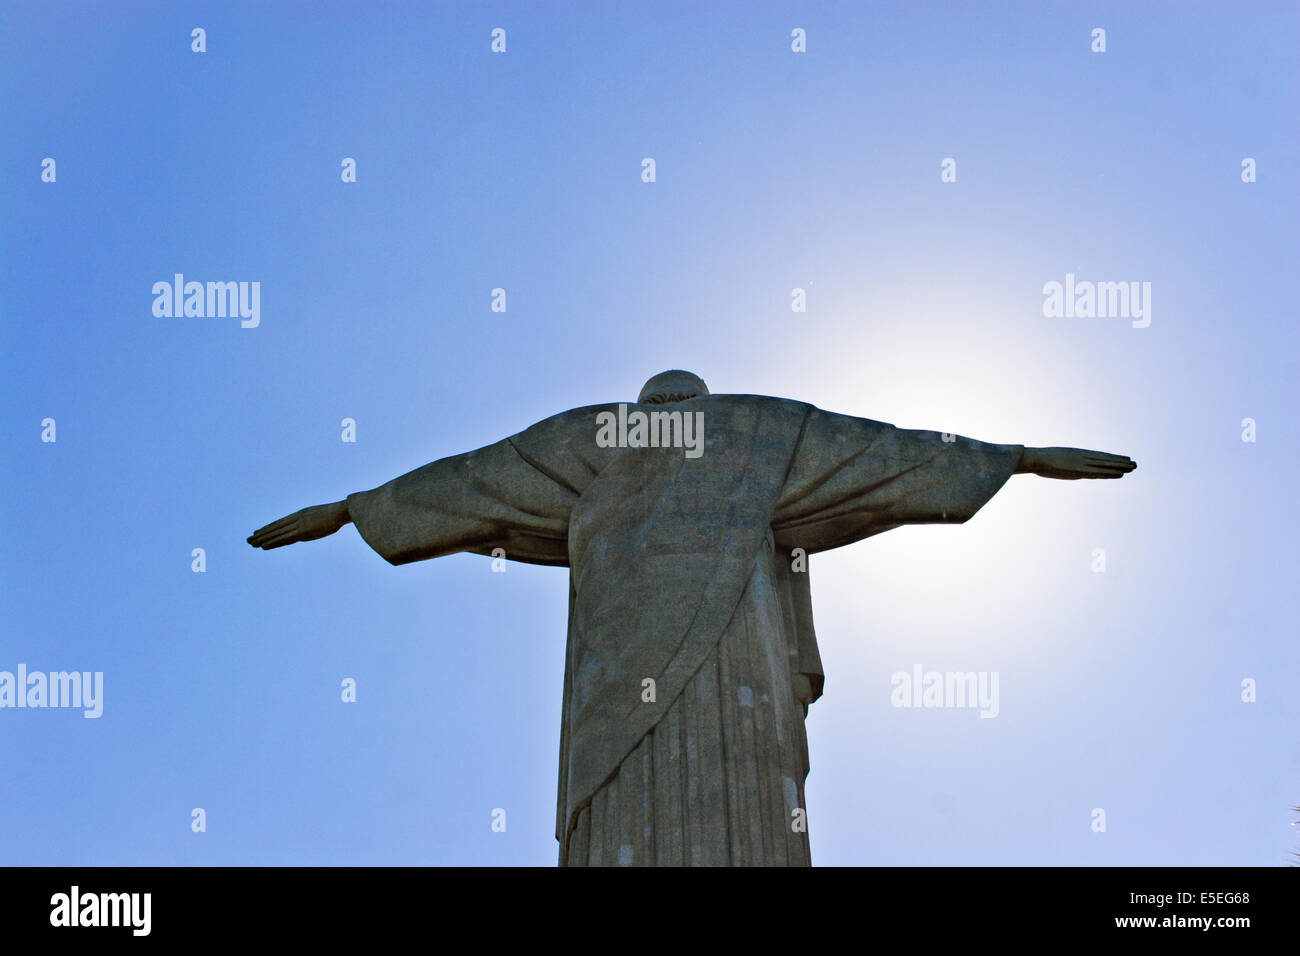 Vista trasera de la estatua del Cristo Redentor en la montaña de Corcovado, Río de Janeiro, Brasil Imagen De Stock